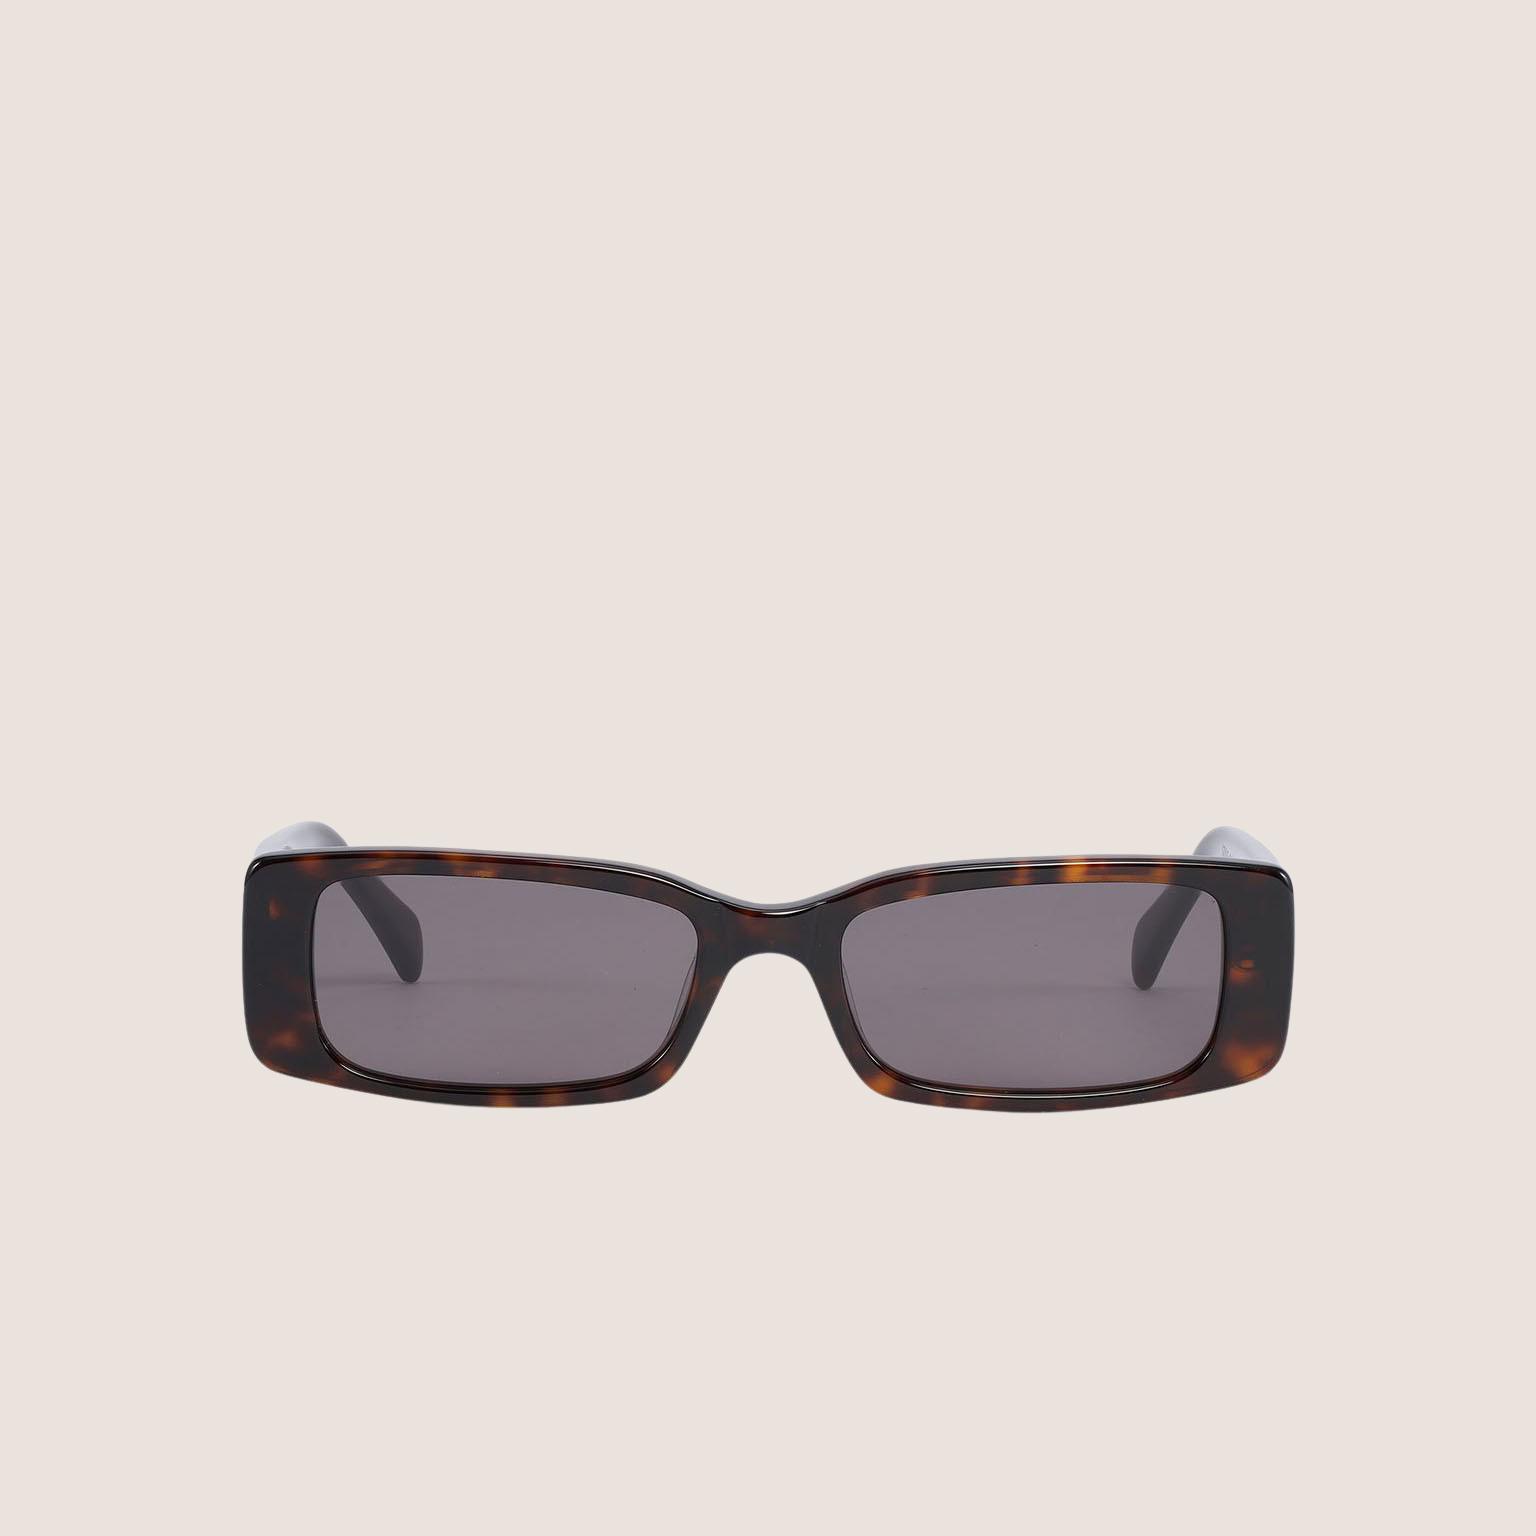 Dall Classic Sunglasses - Brown